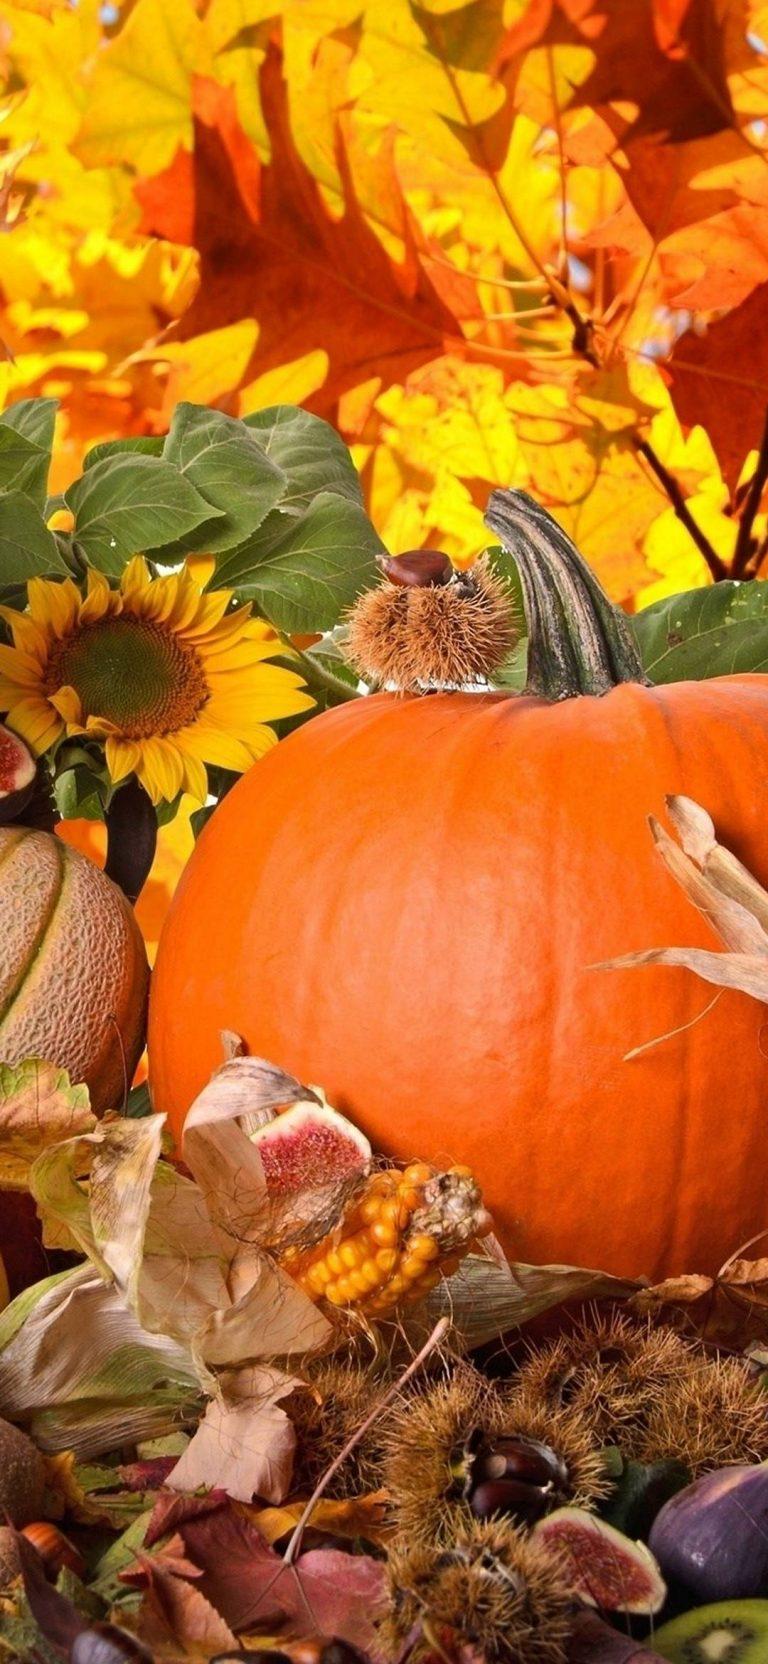 Autumn Harvest Vegetables Fruits 1080x2340 768x1664